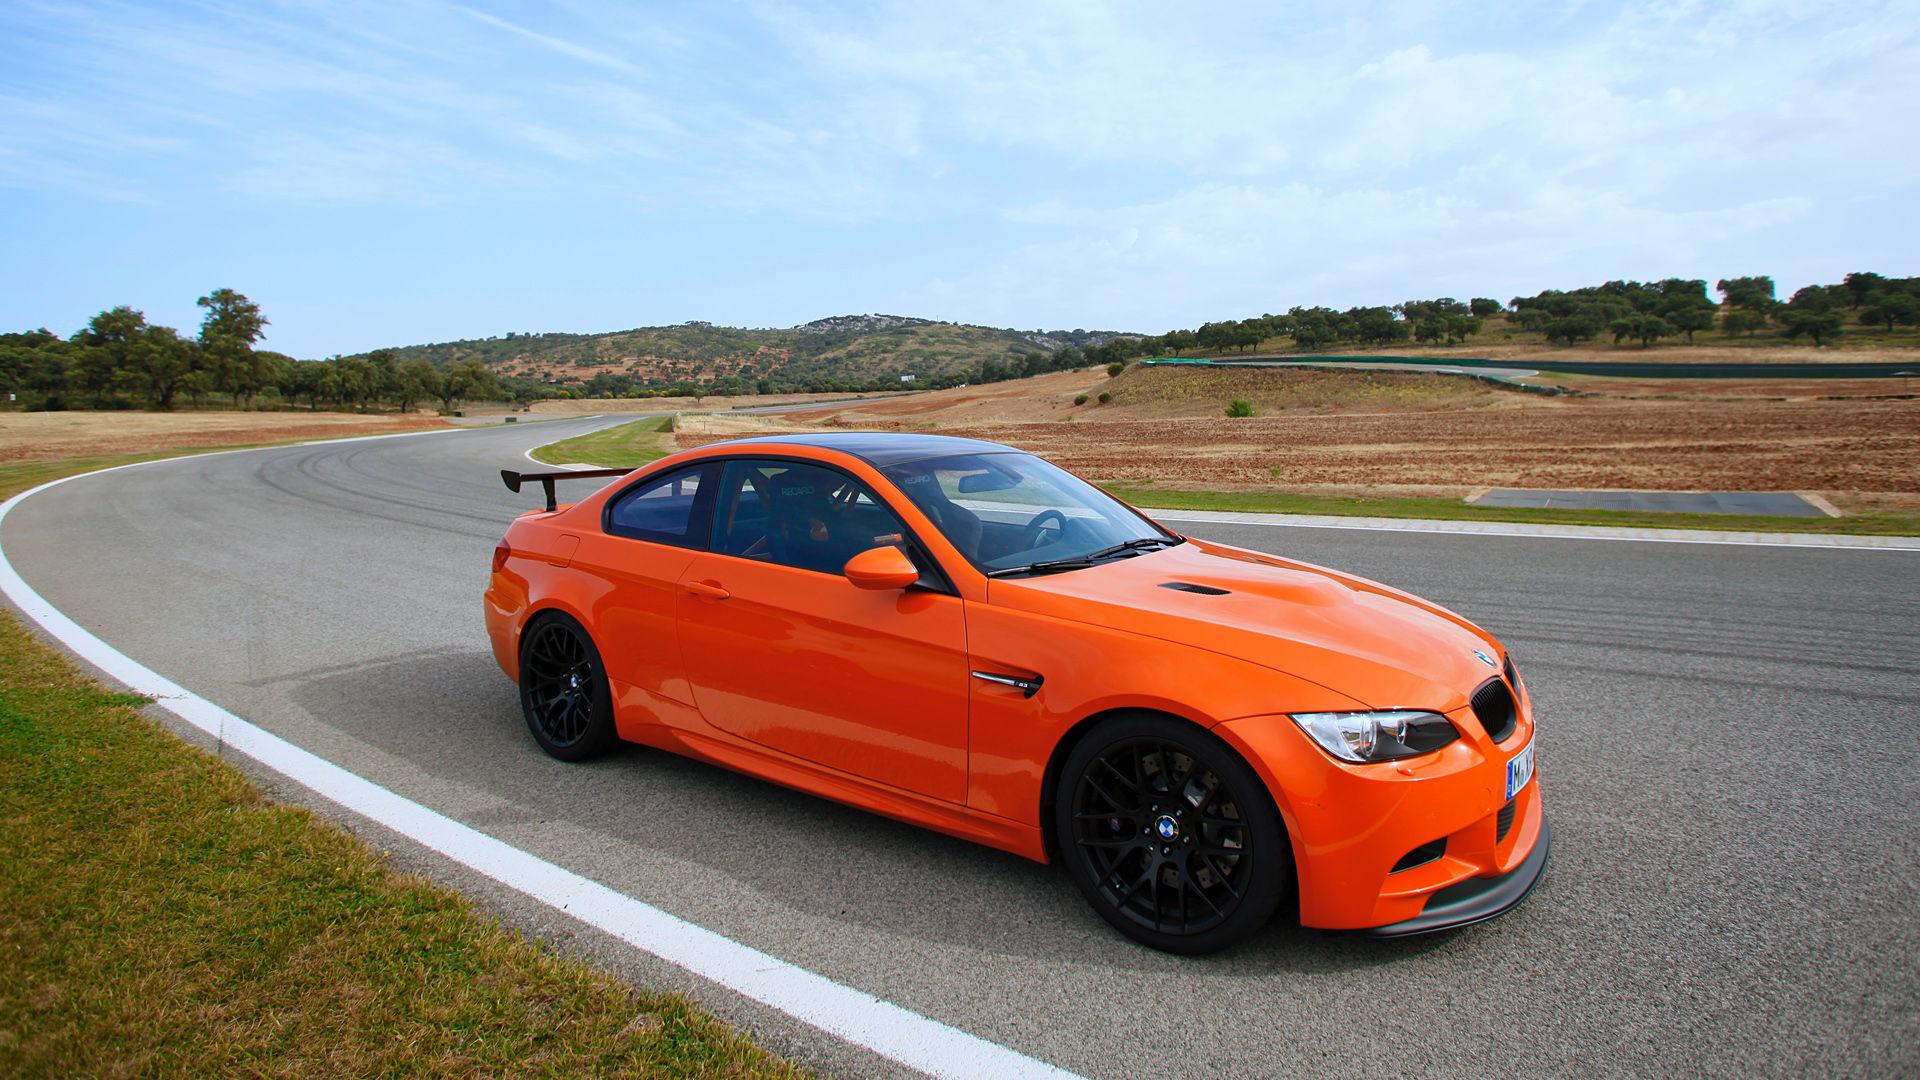 2009 BMW M3 GTS